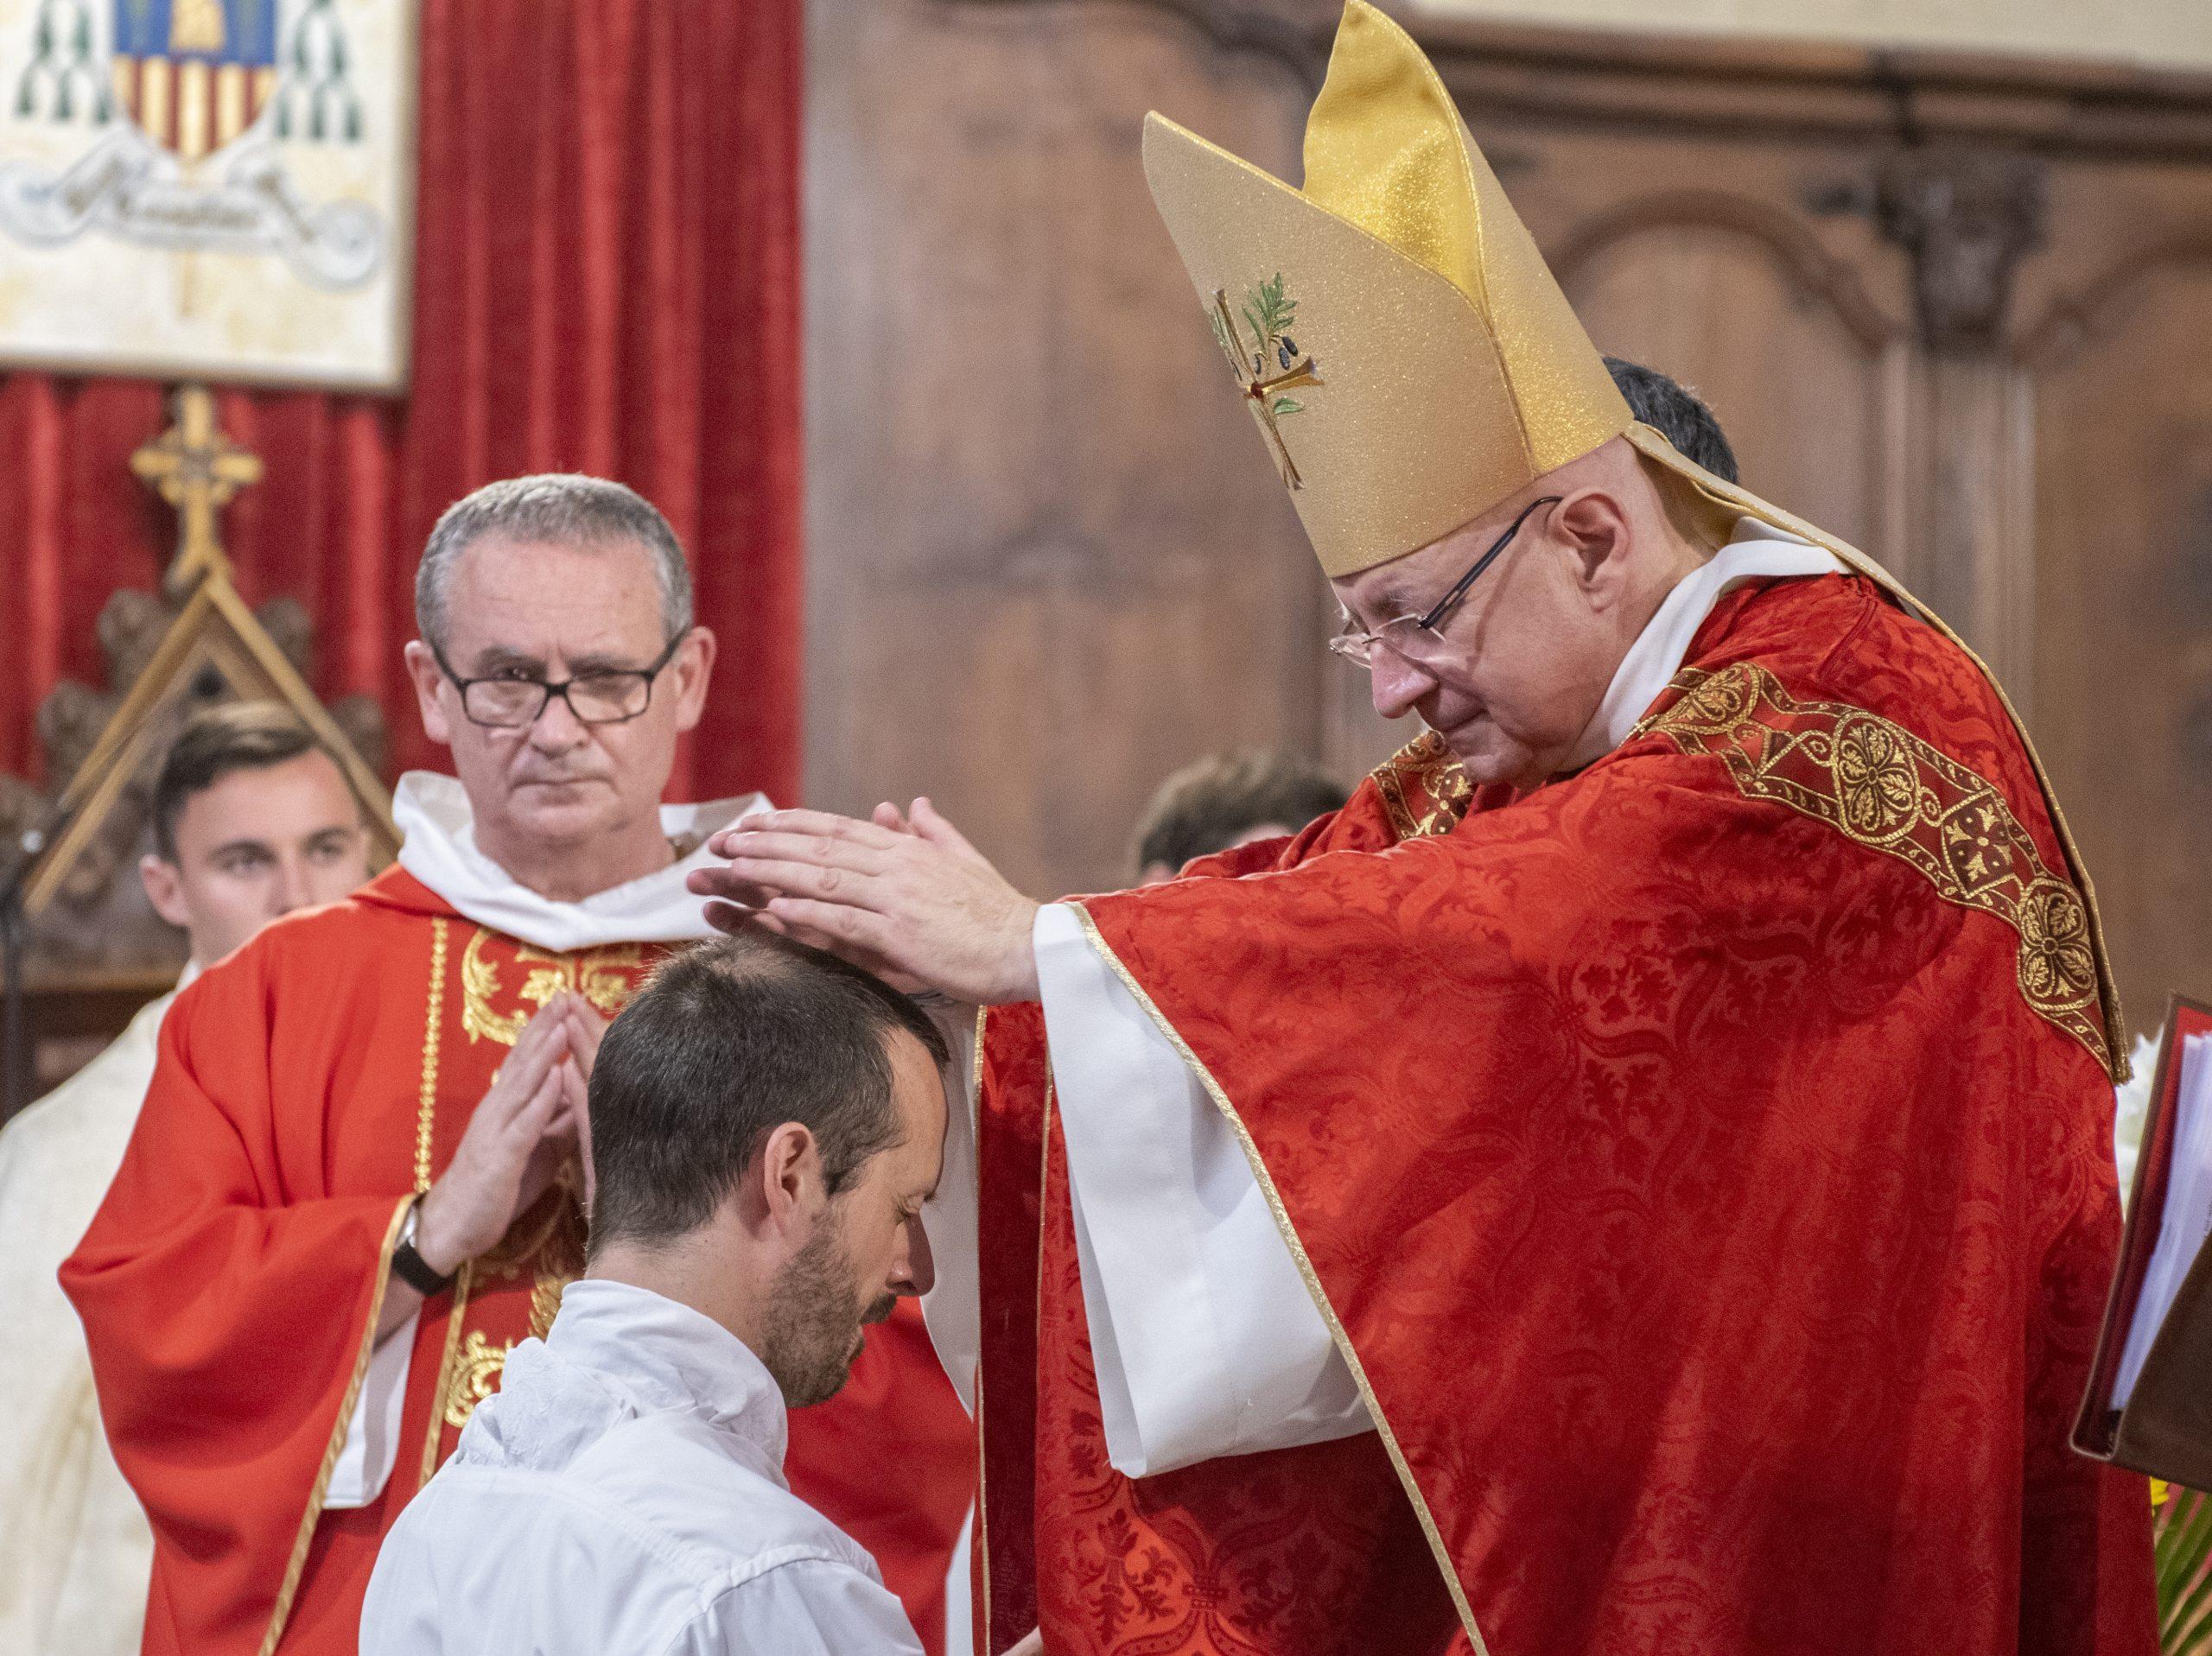 Le 27 juin , Damien sera ordonné nouveau prêtre pour le diocèse